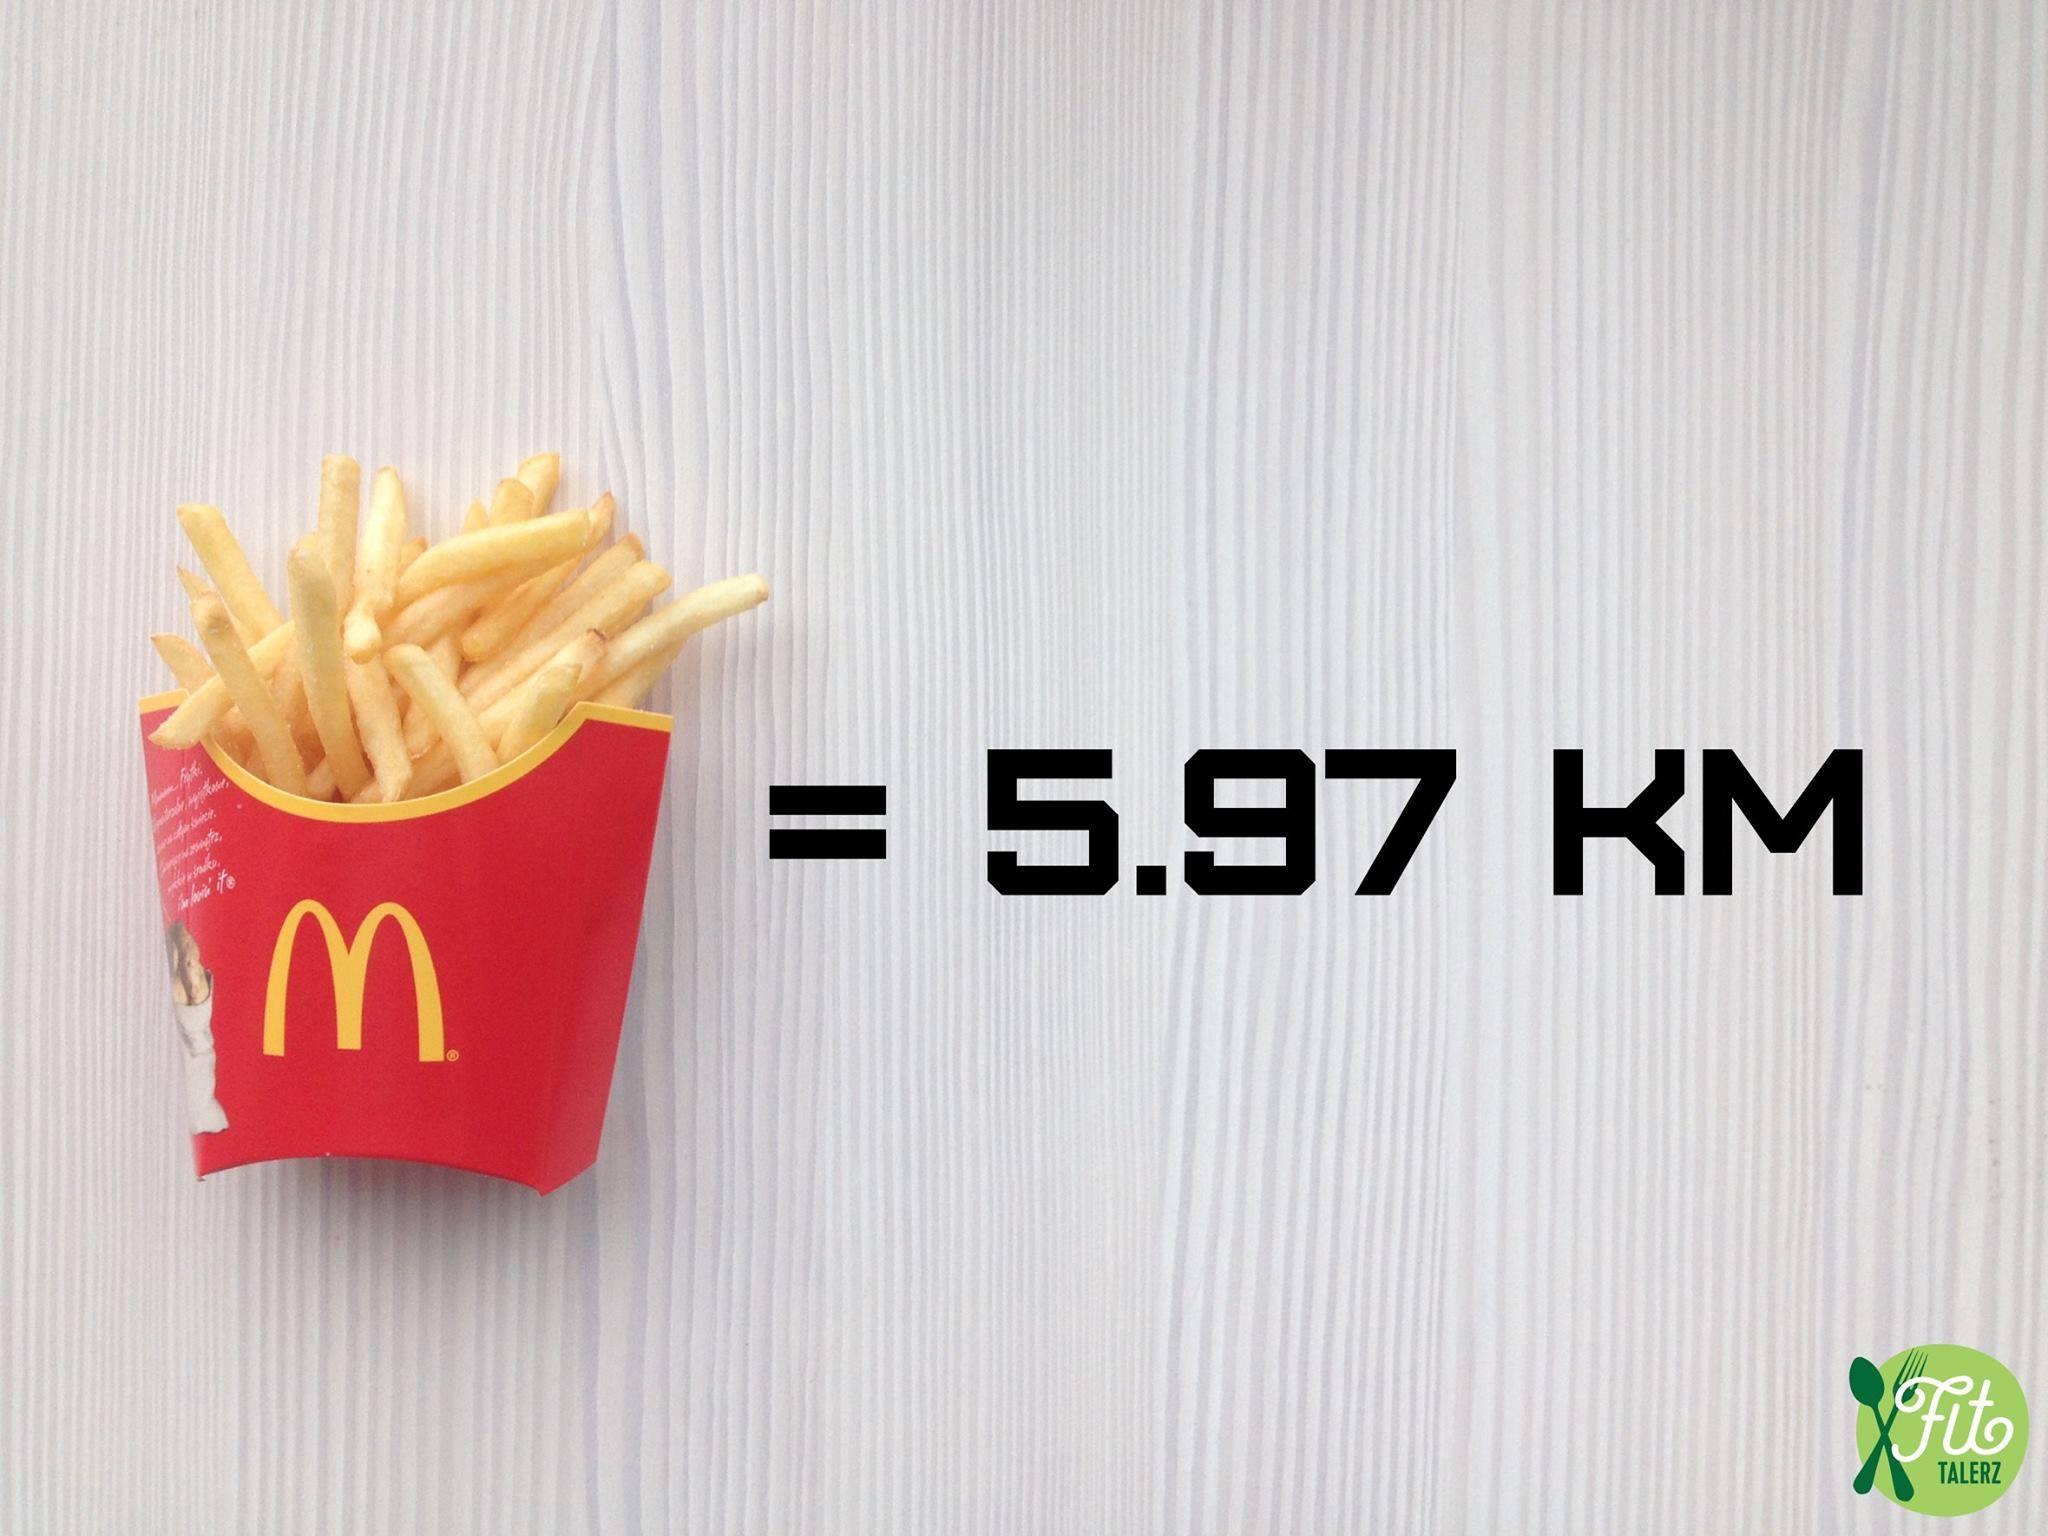 como hay que correr para perder peso